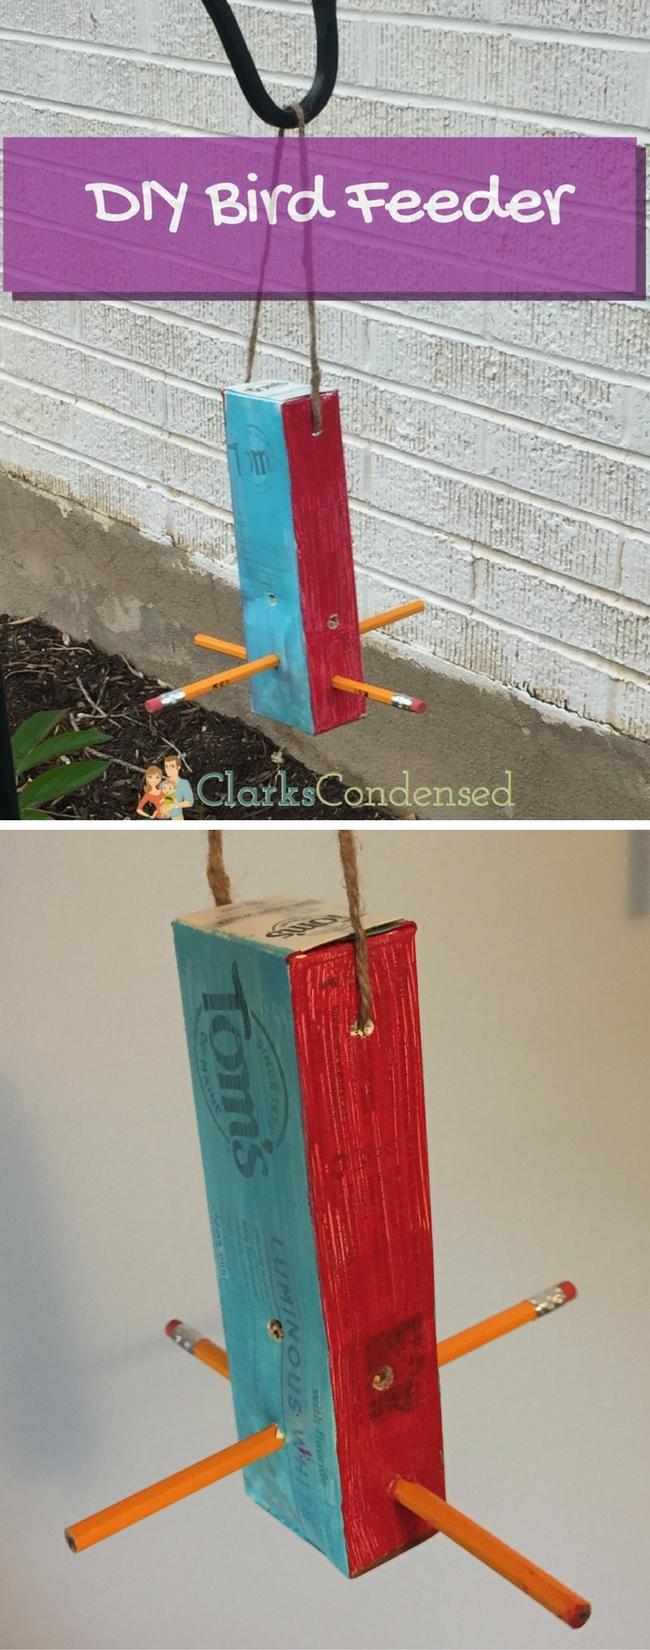 homemade bird feeder / diy bird feeder / bird feeder for kids / kids bird feeder / upcycled craft / upcycled bird feeder via @clarkscondensed